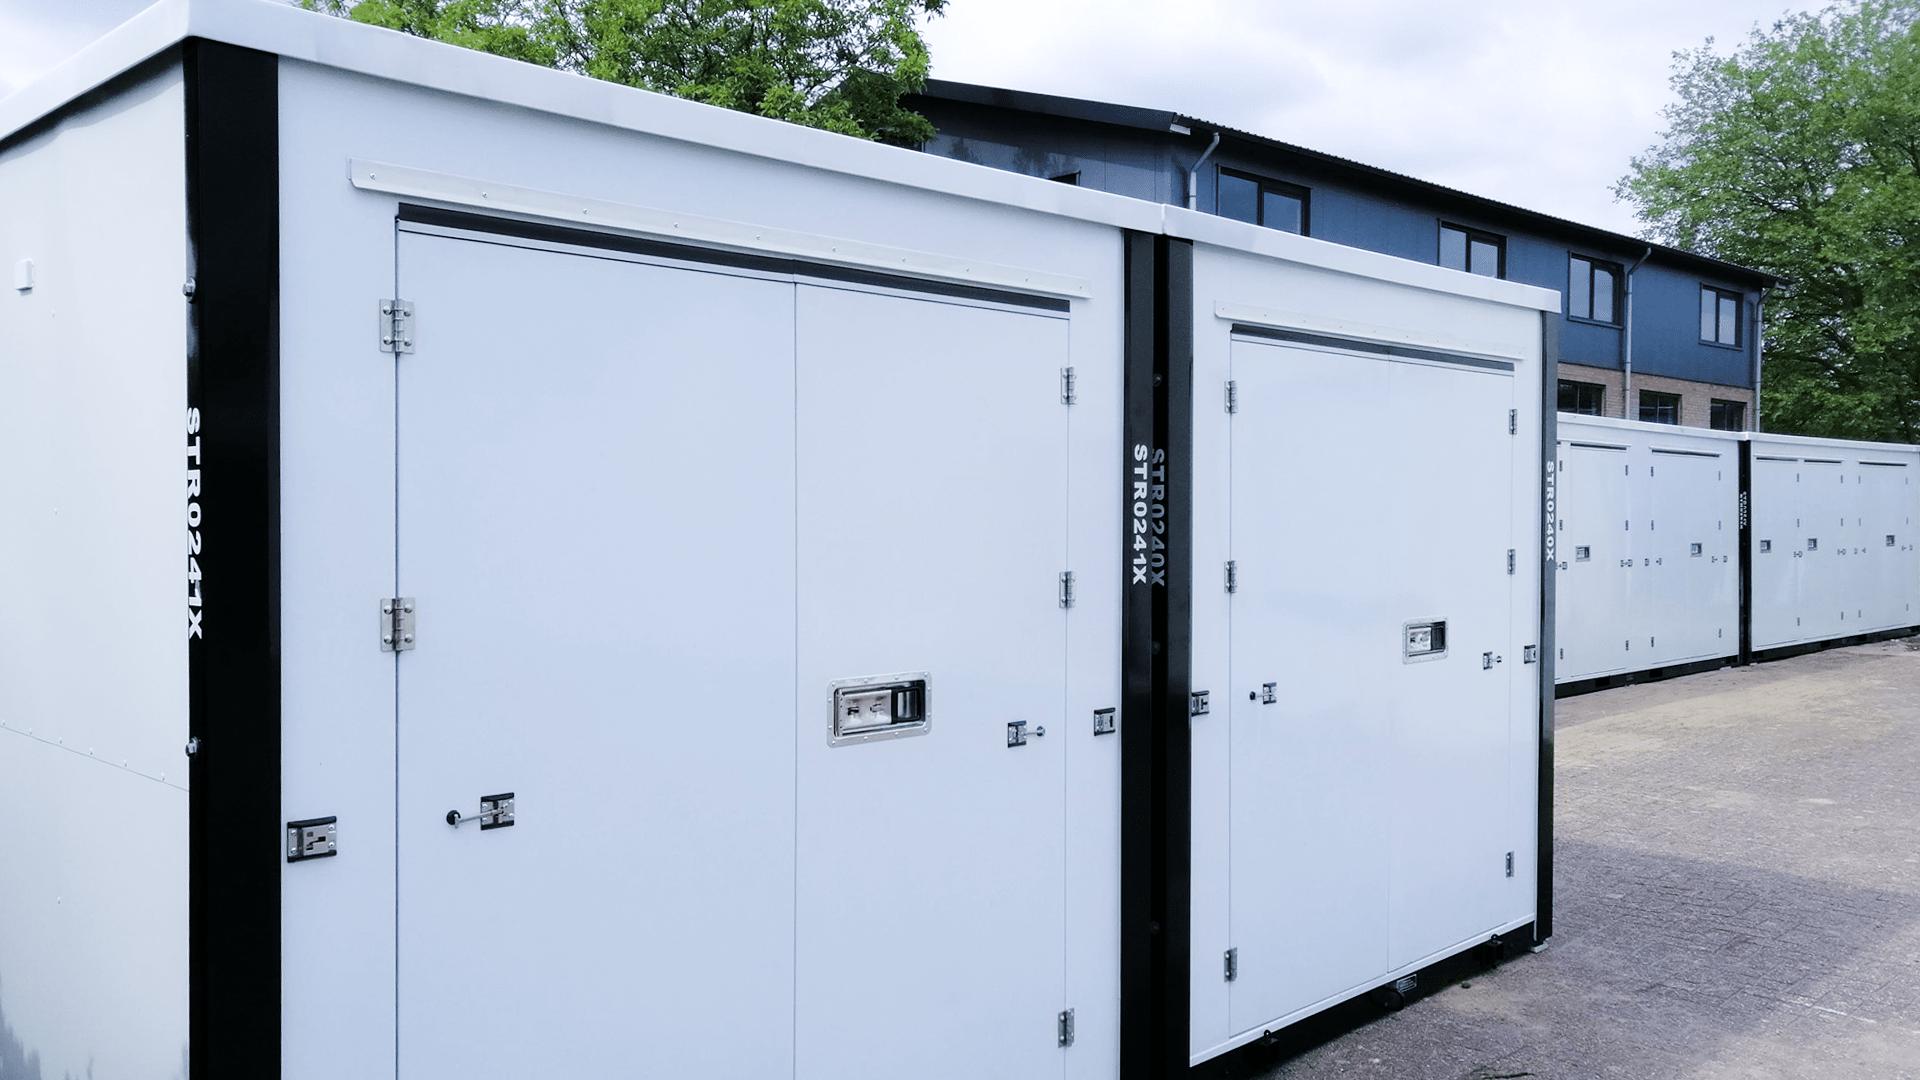 De-Opslagconcurrent-Self-Storage-Park-Bouw-Project